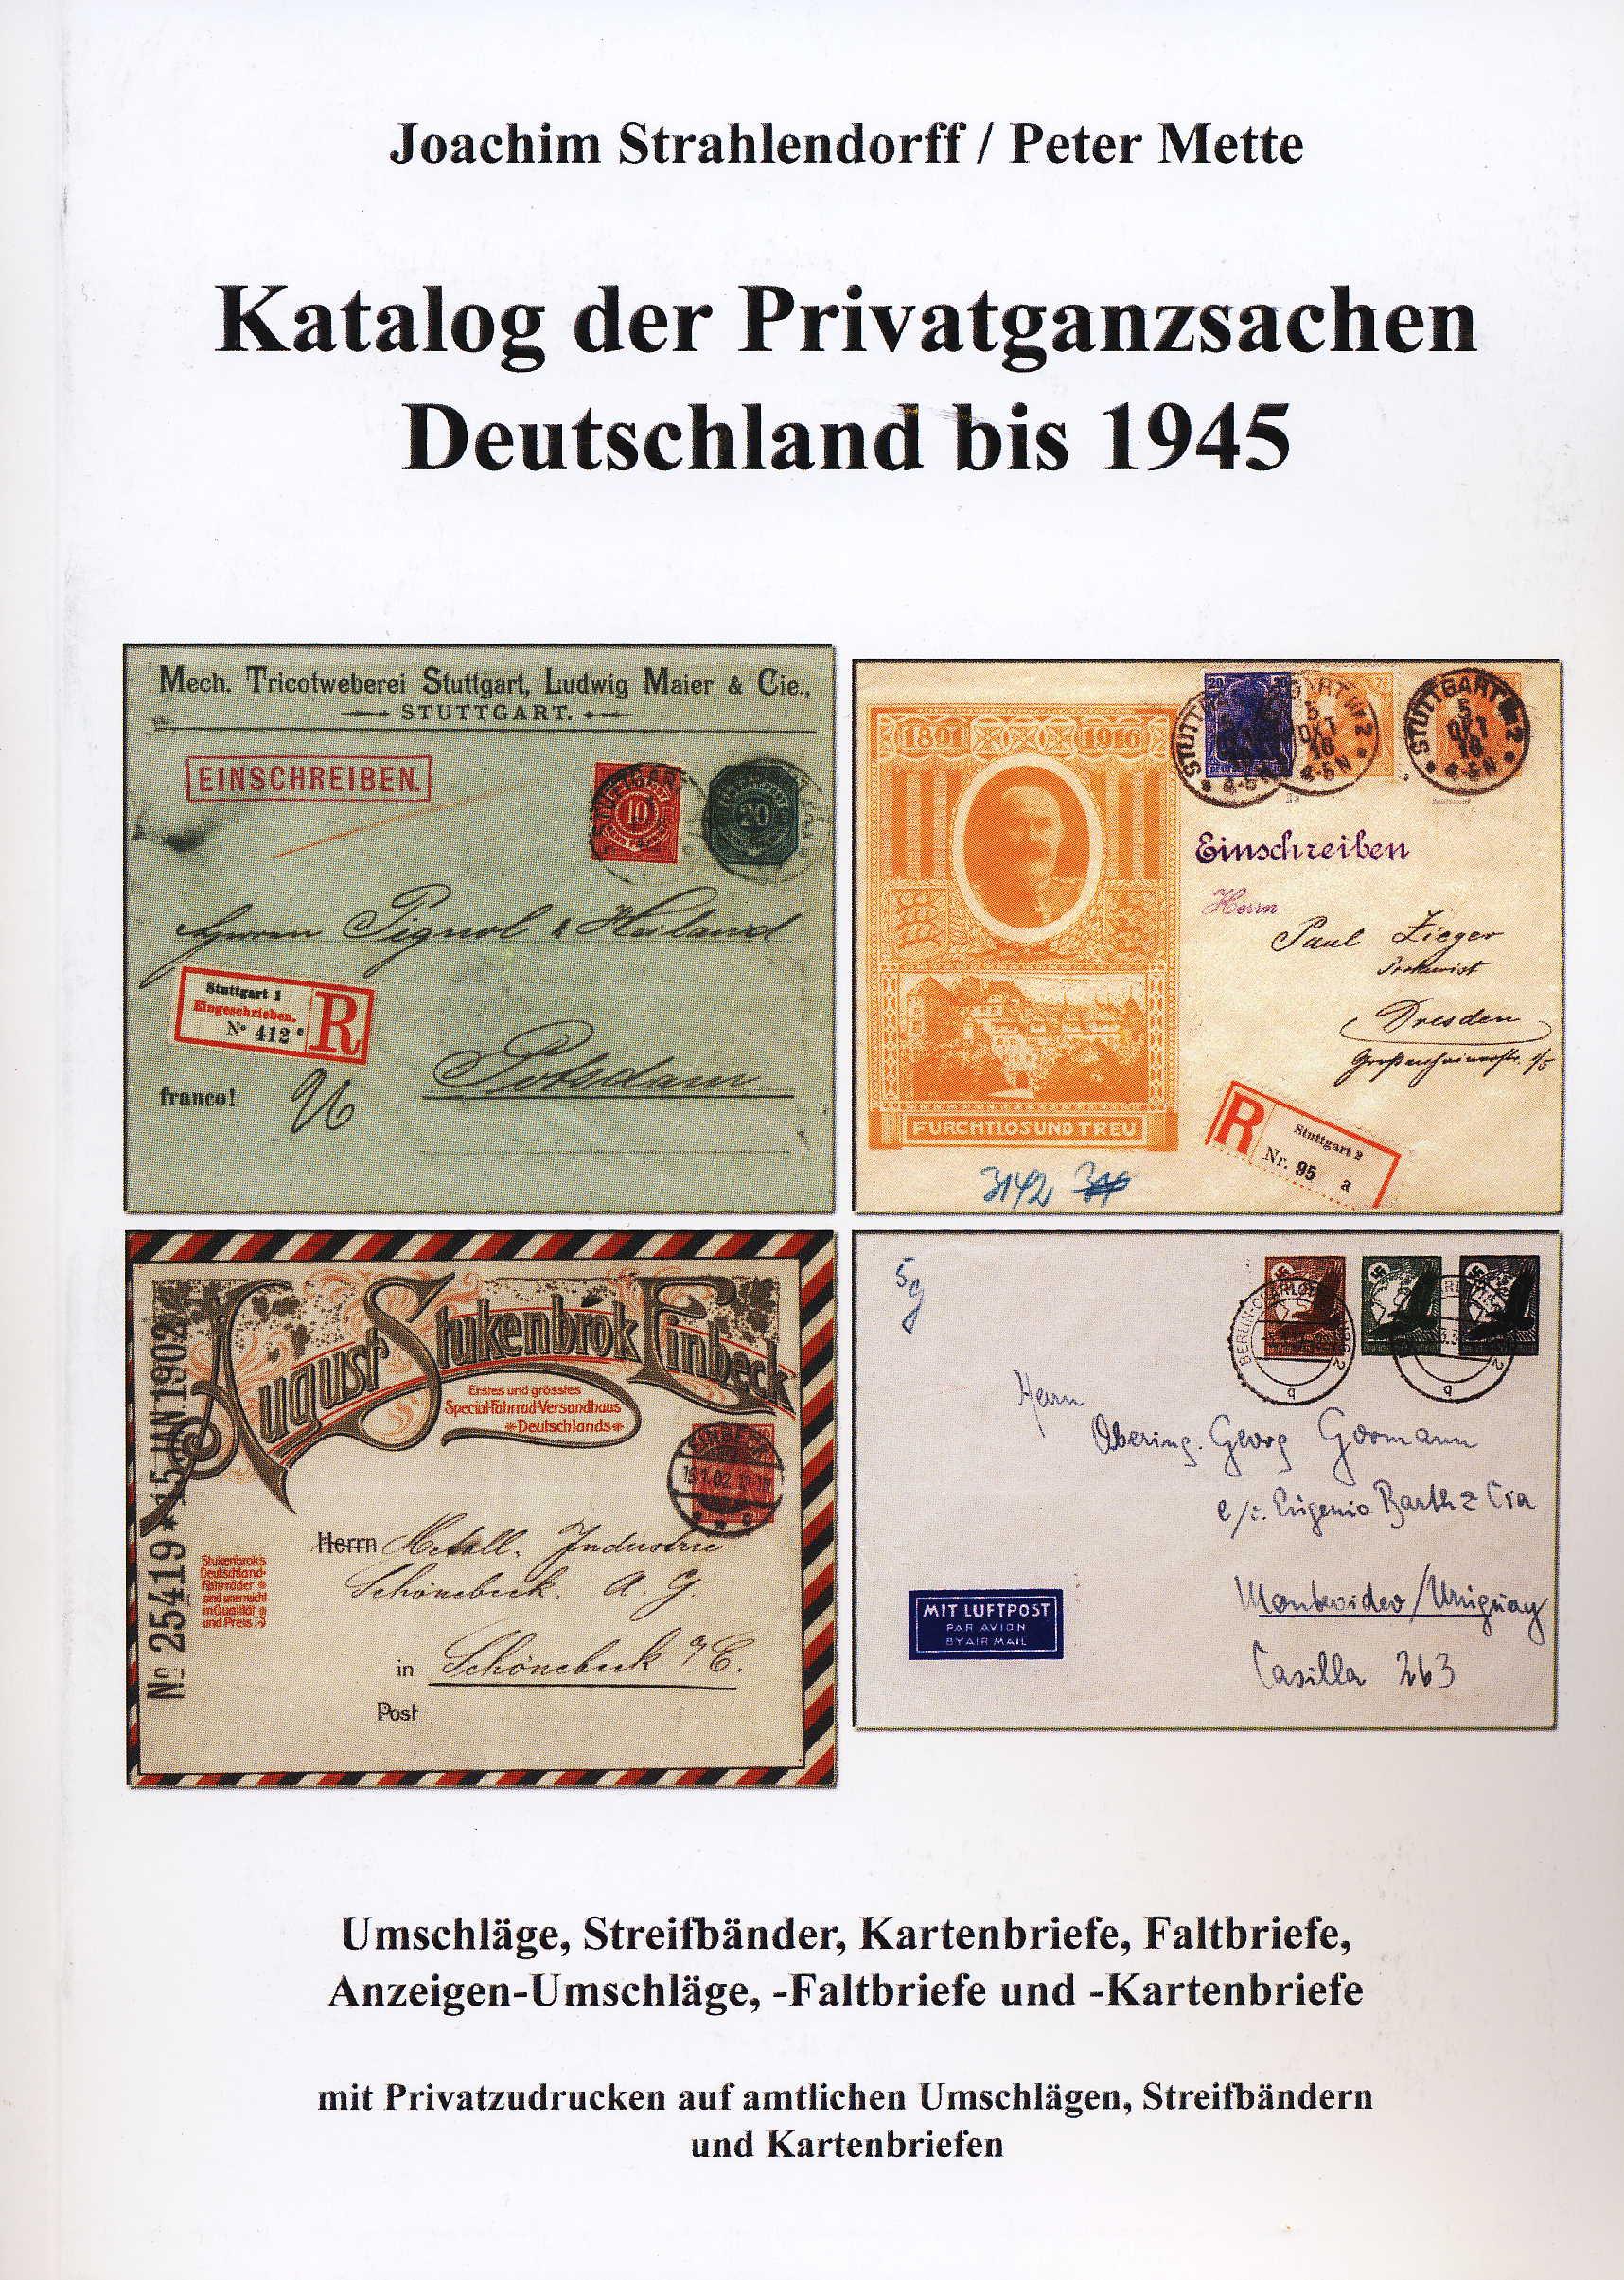 Strahlendorff/Mette Katalog der Privatganzsachen Deutschland bis